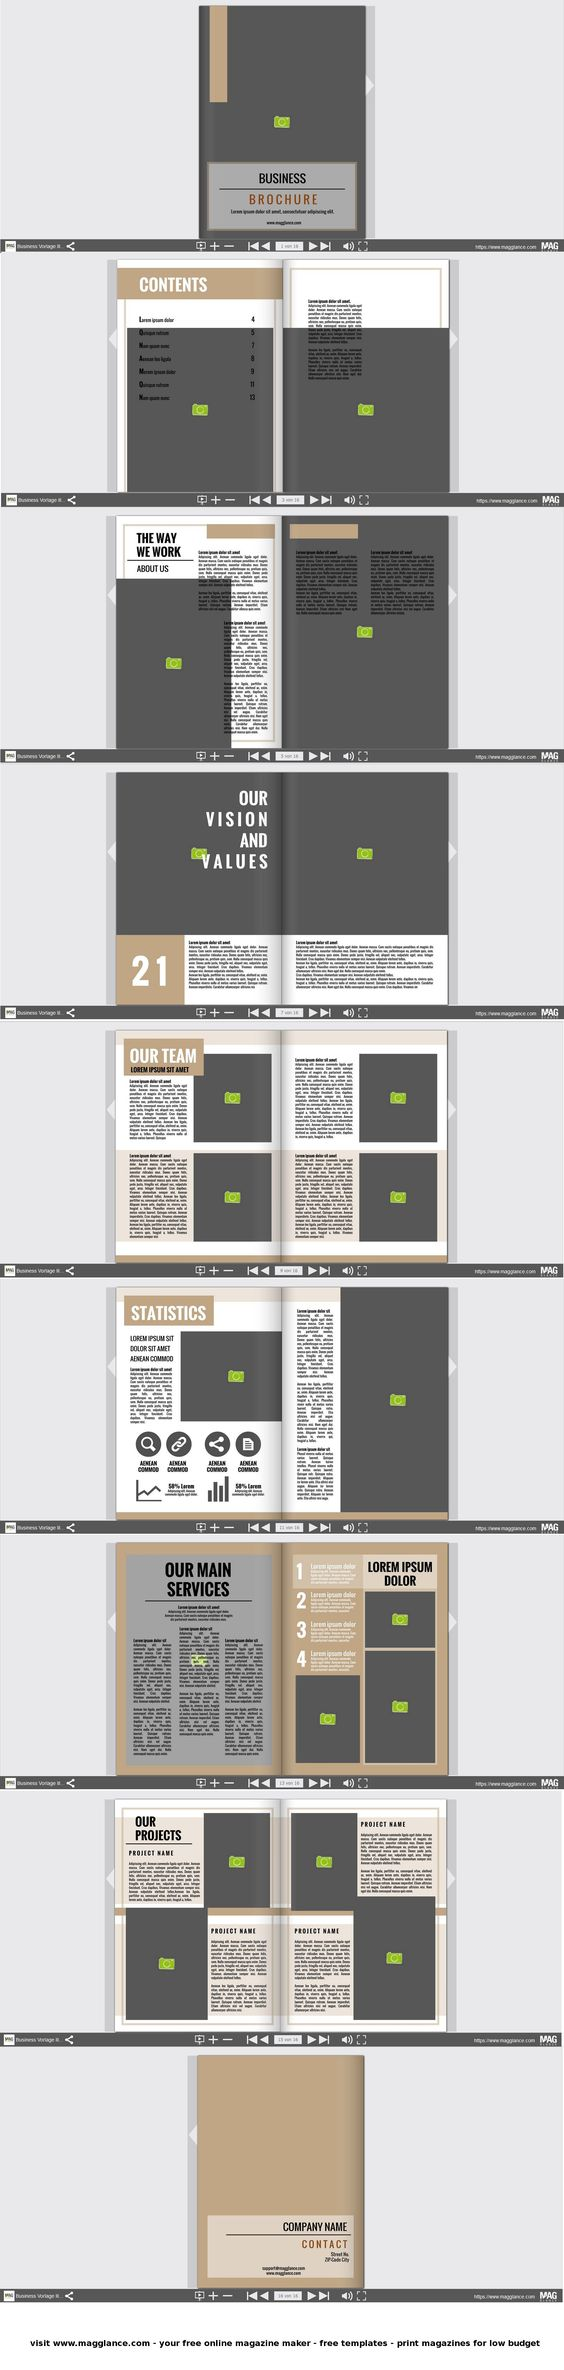 Crea gratis tu folleto de empresa online e imprímelo a buen precio ...